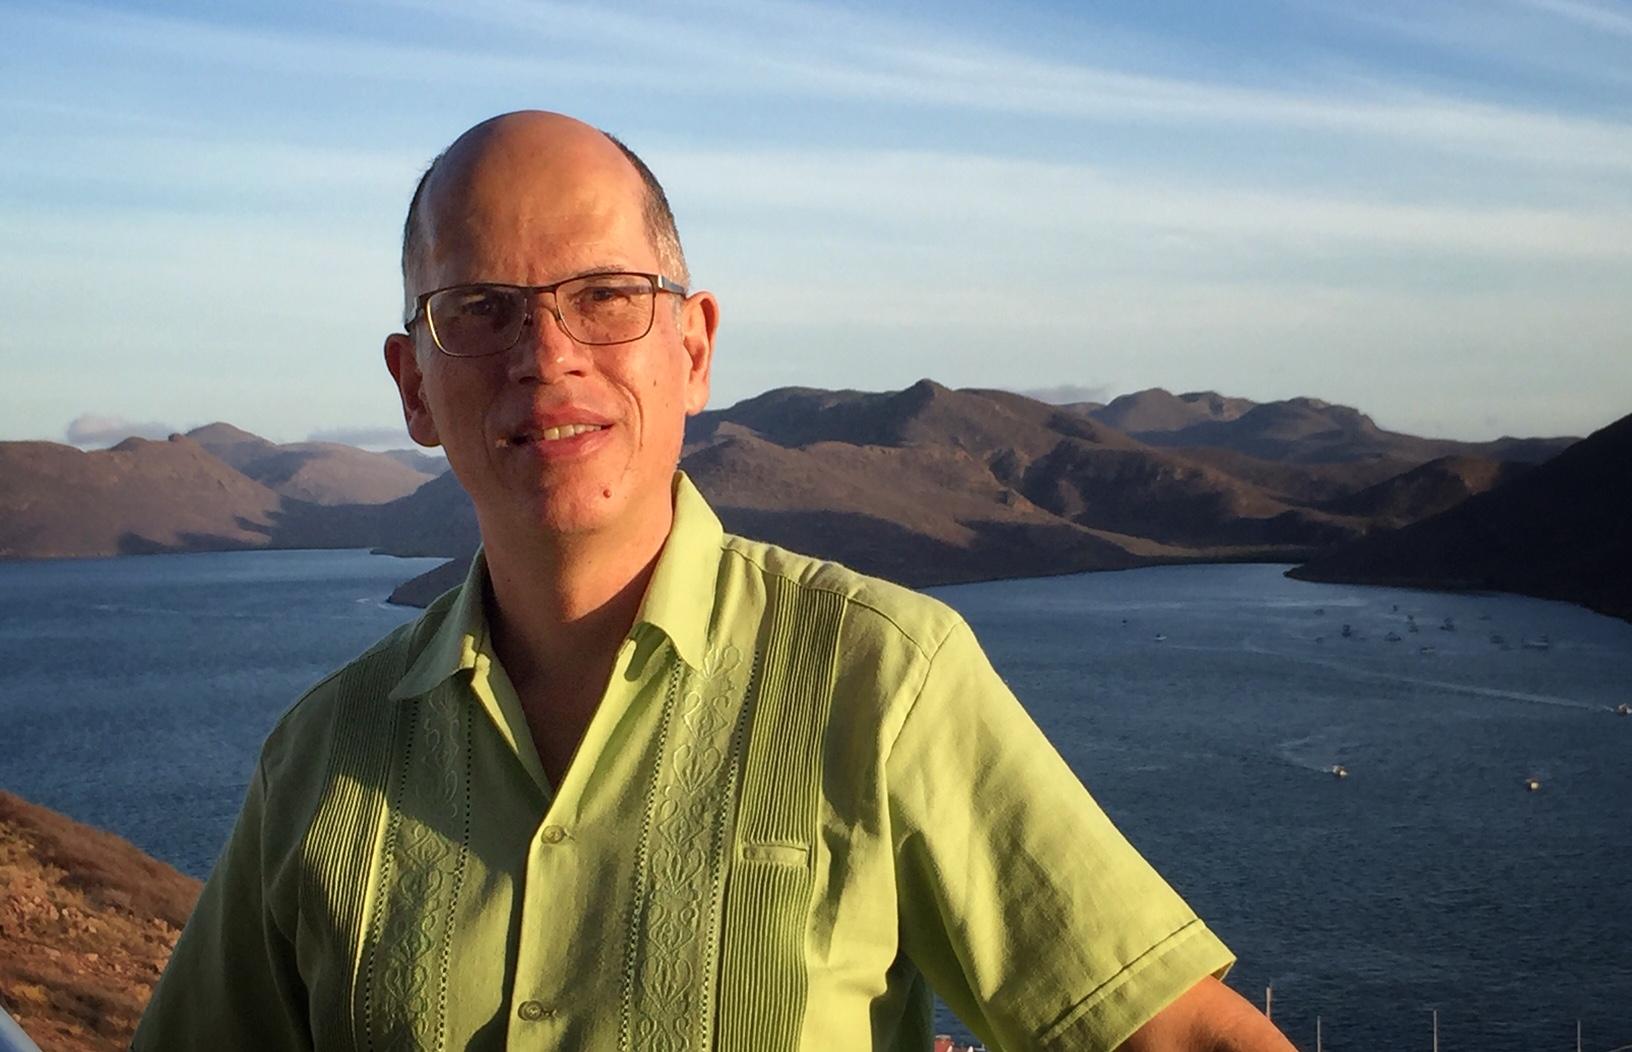 Charlará Antonio Prieto sobre performance como posicionamiento activista y artístico